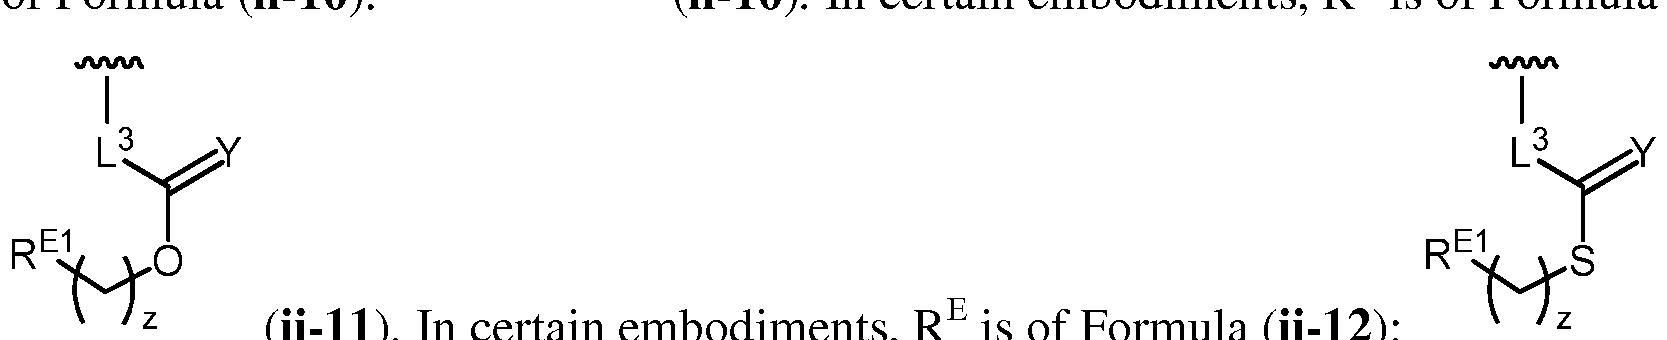 Figure imgf000085_0006